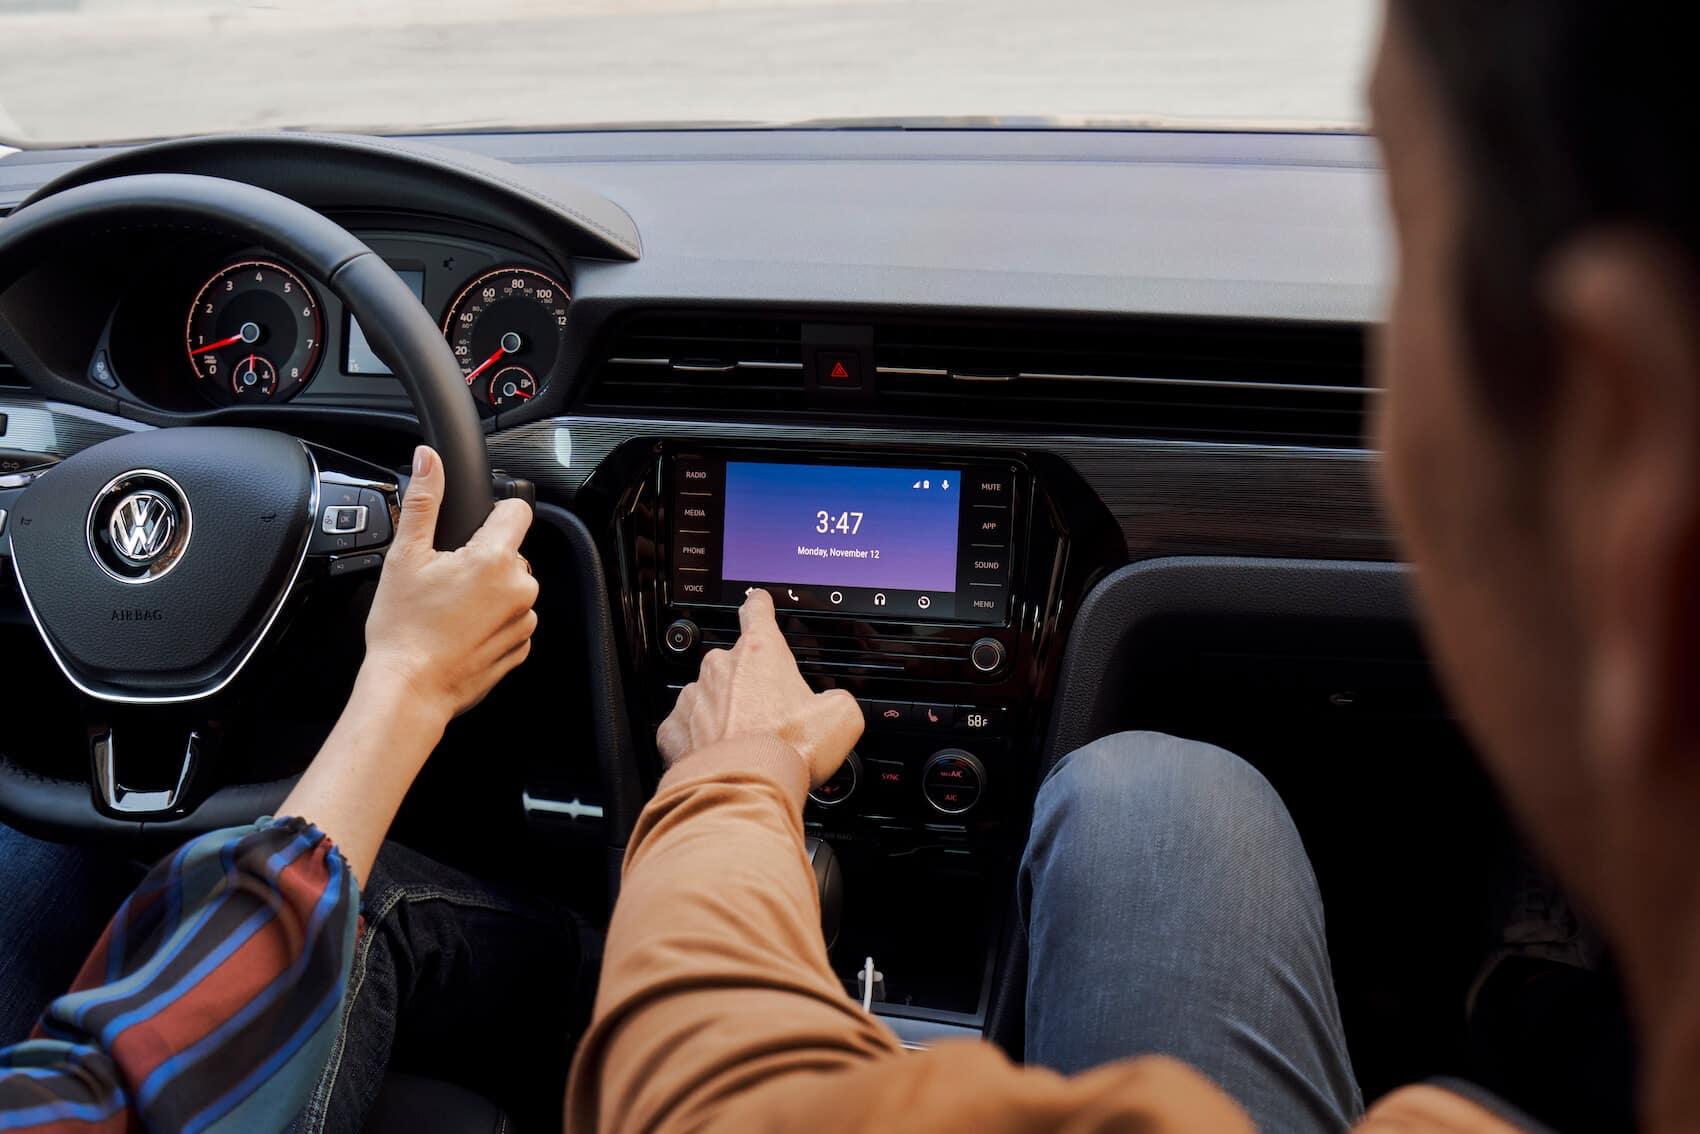 Volkswagen Passat Interior Tech Screen